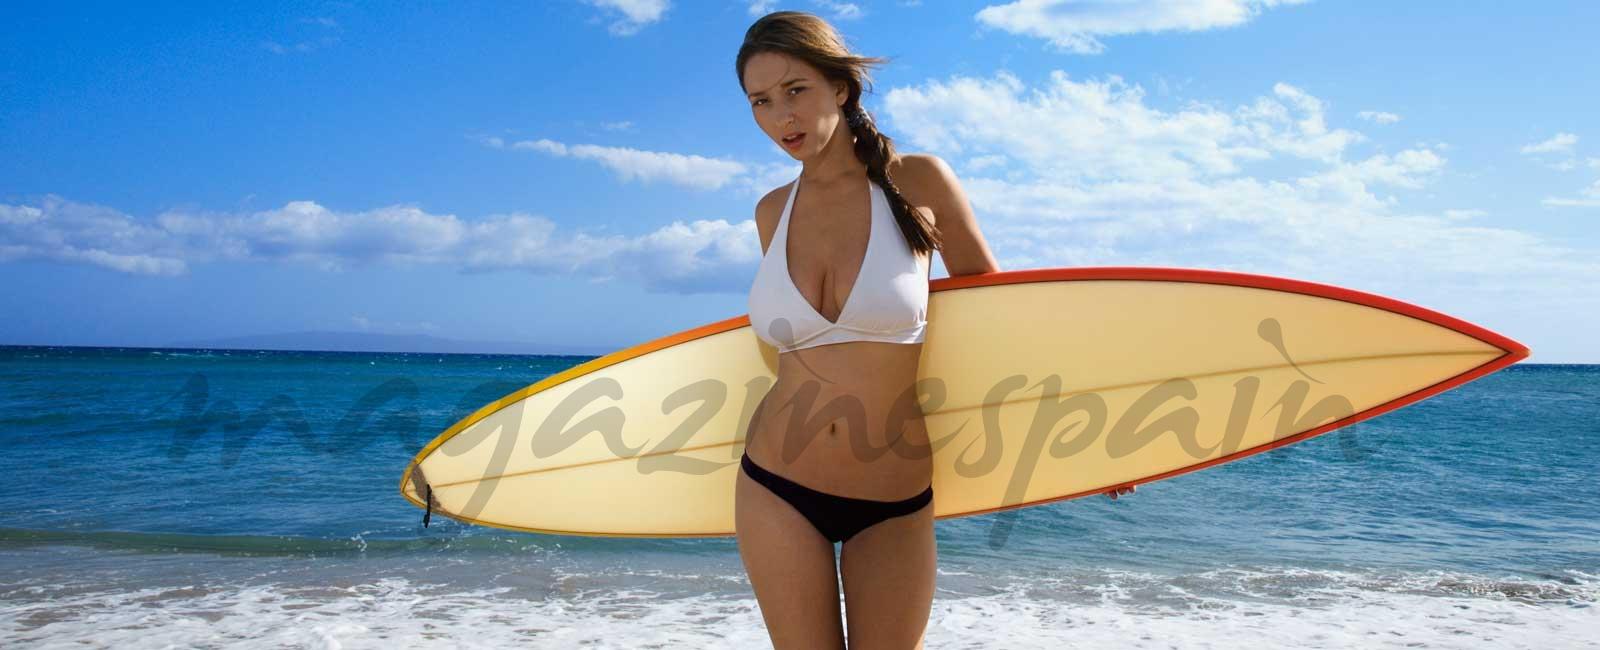 Beach body: Lo quiero, lo tengo